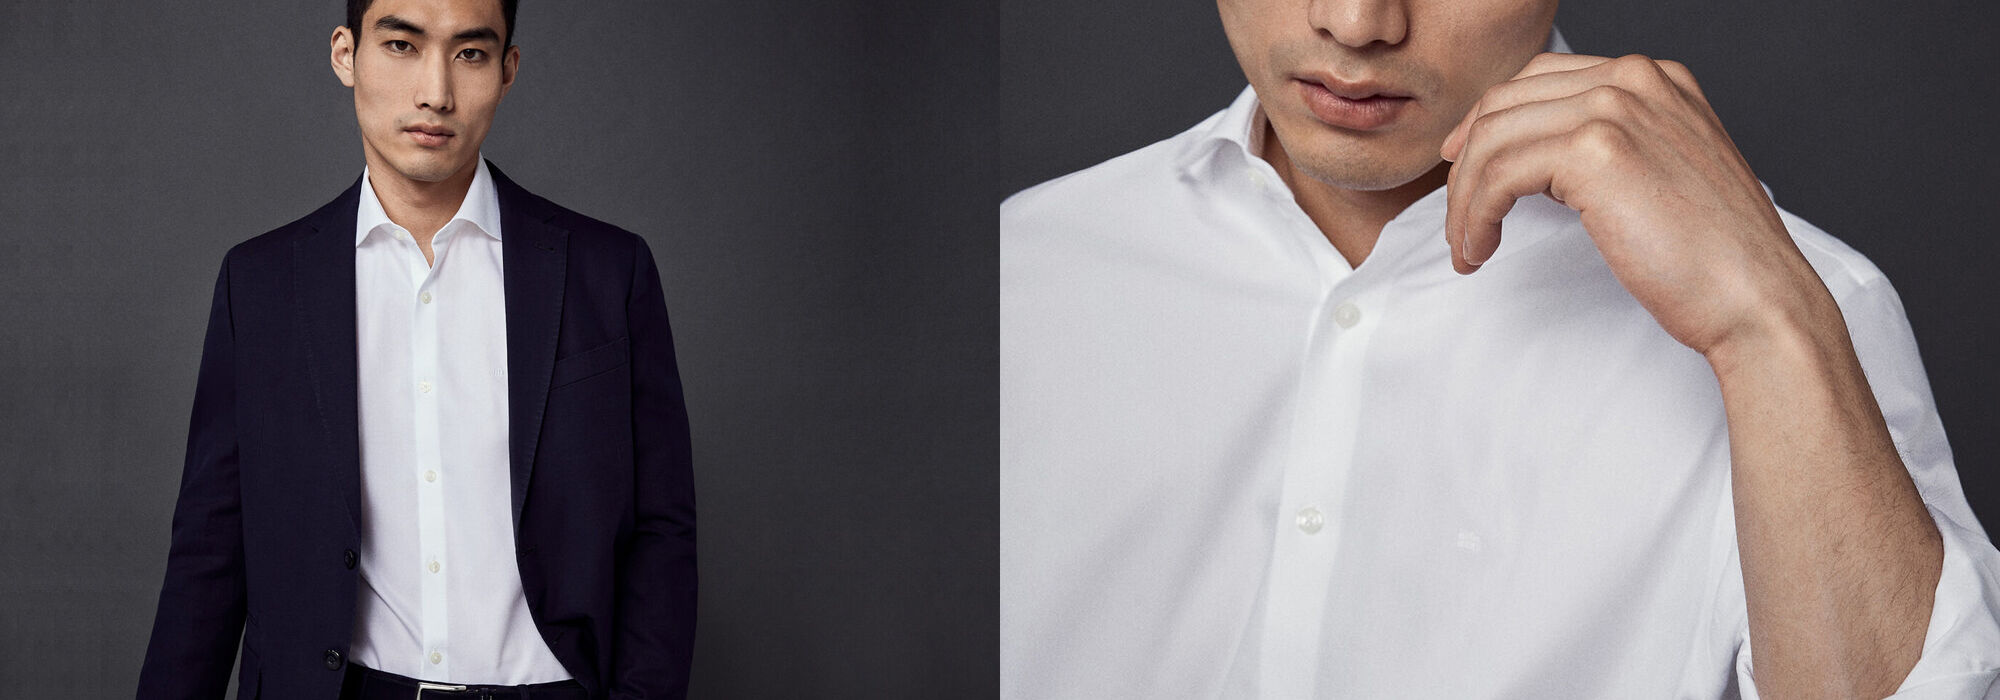 Pedro Del Hierro Sales In Men S And Women S Fashion